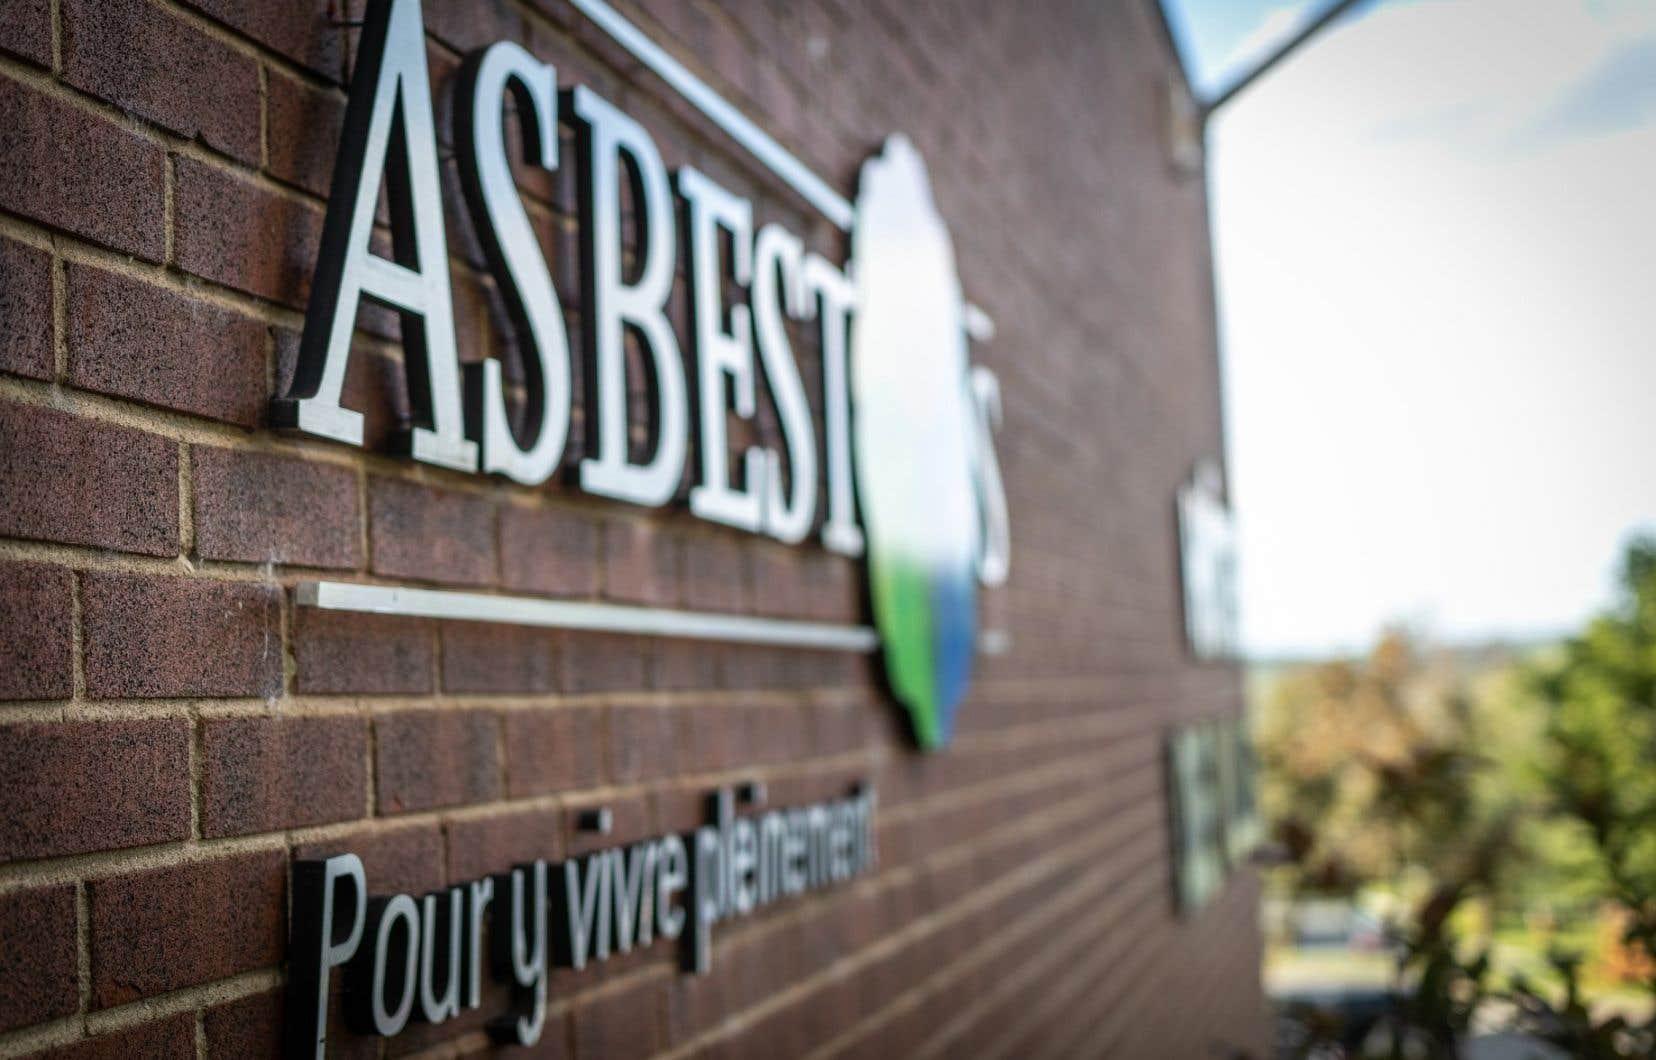 Asbestos a été nommée pour le minerai qui y a été extrait pendant plus d'un siècle.